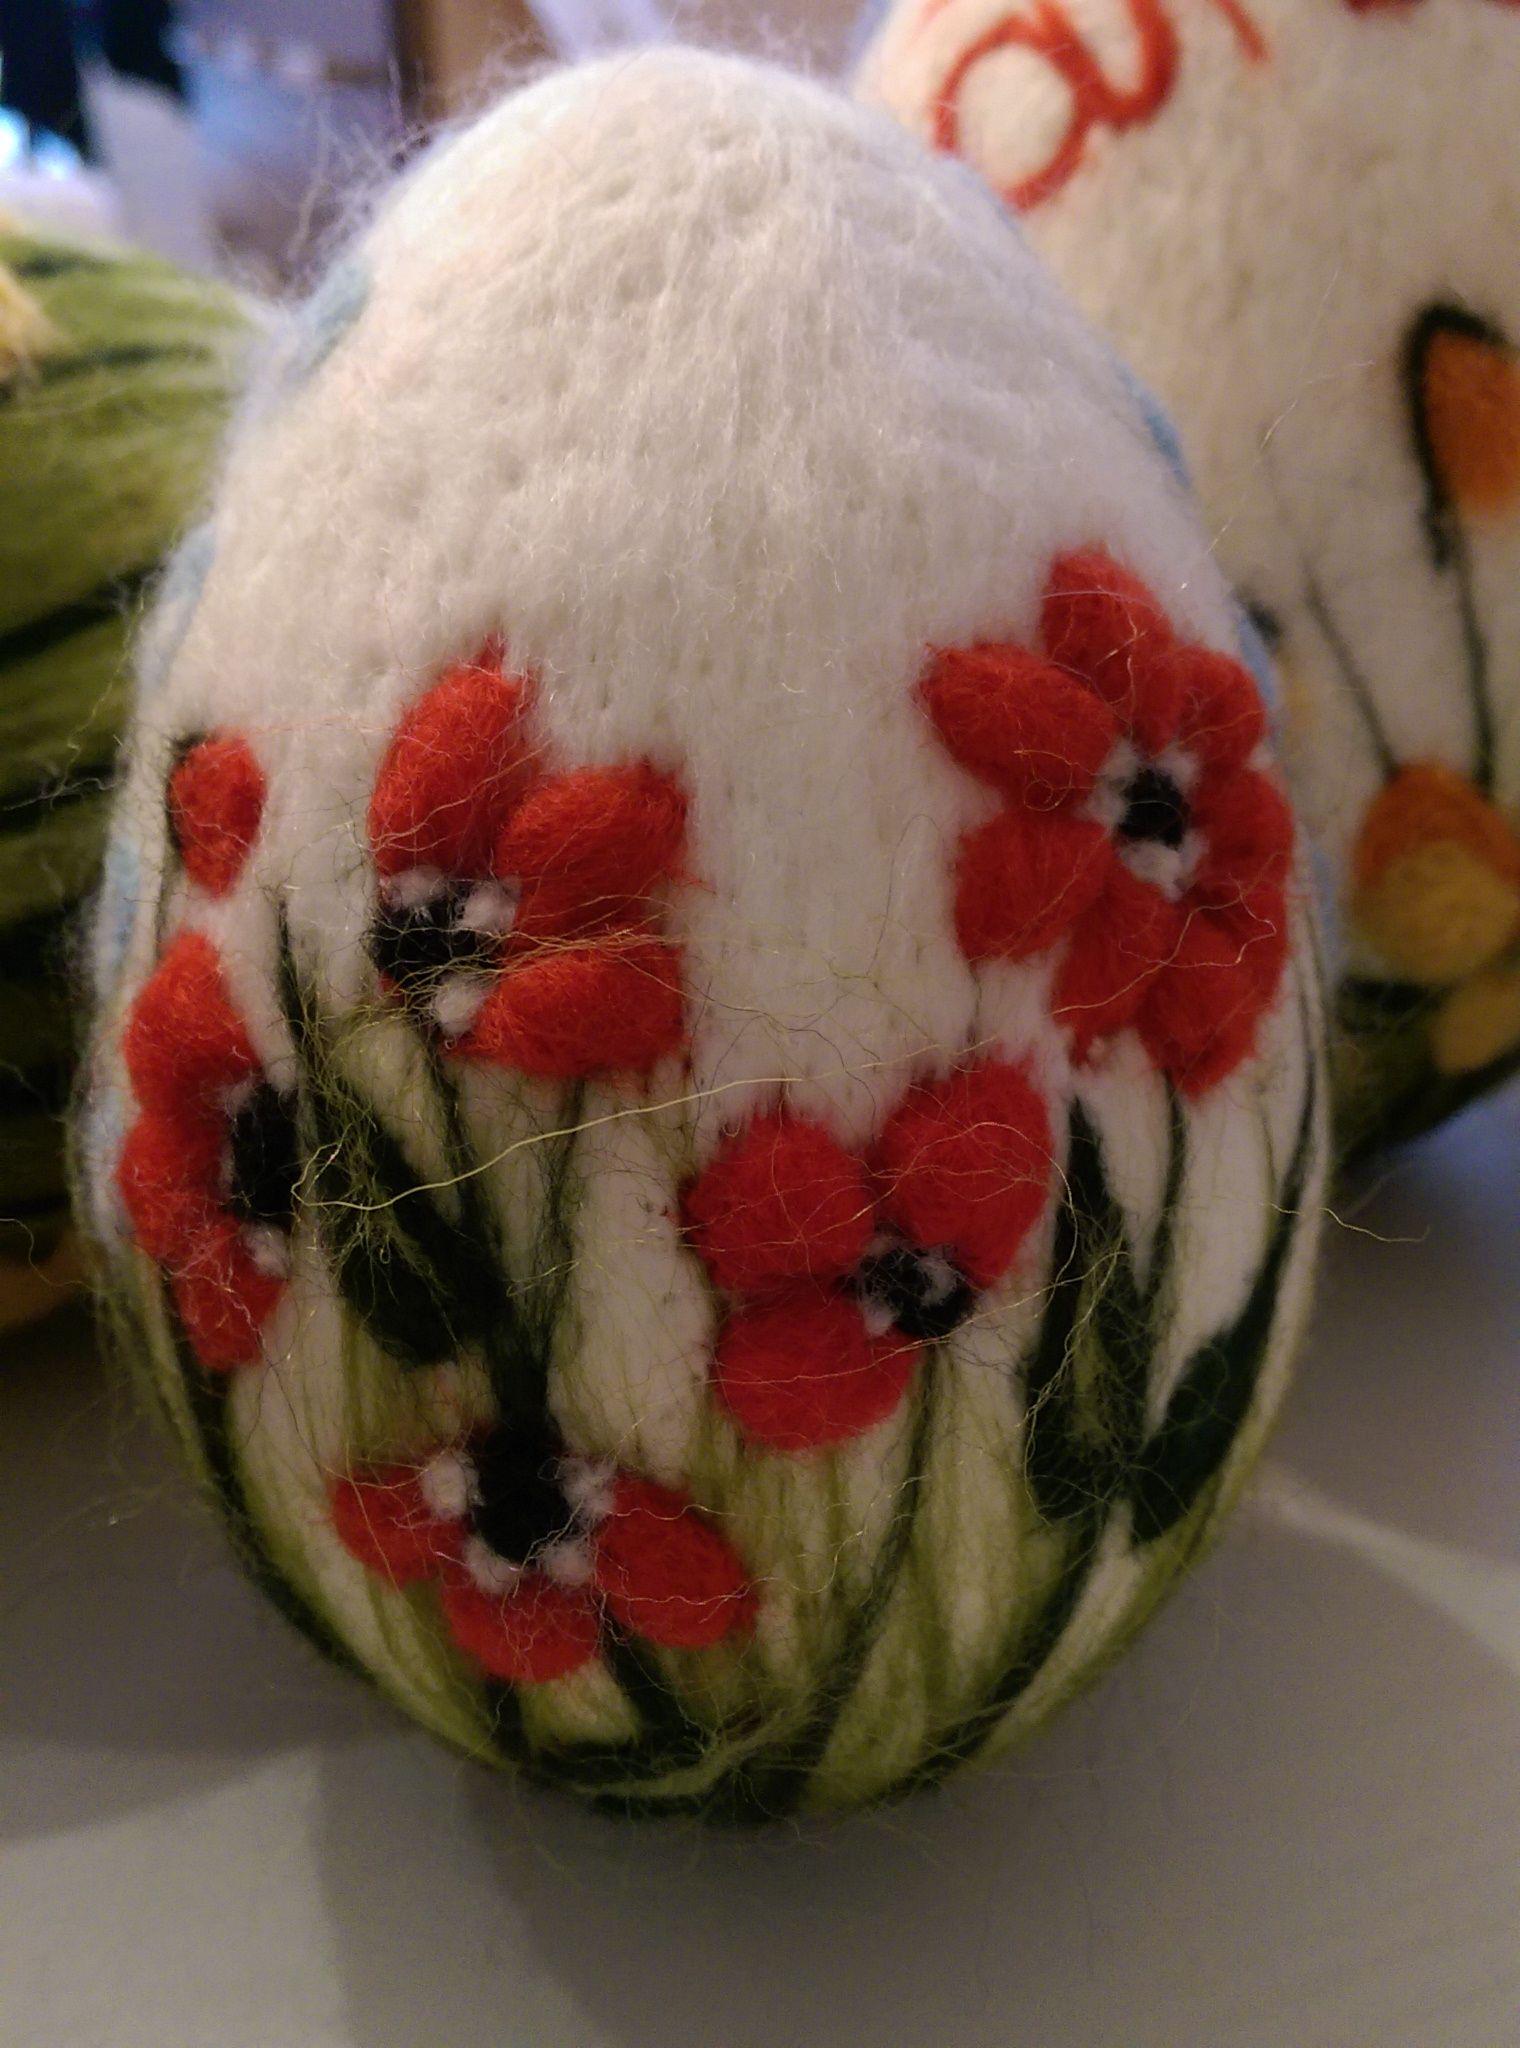 Pisanka Wykonana Metoda Filcowania Na Sucho Felt Flowers Diy Felt Crafts Needle Felting Projects